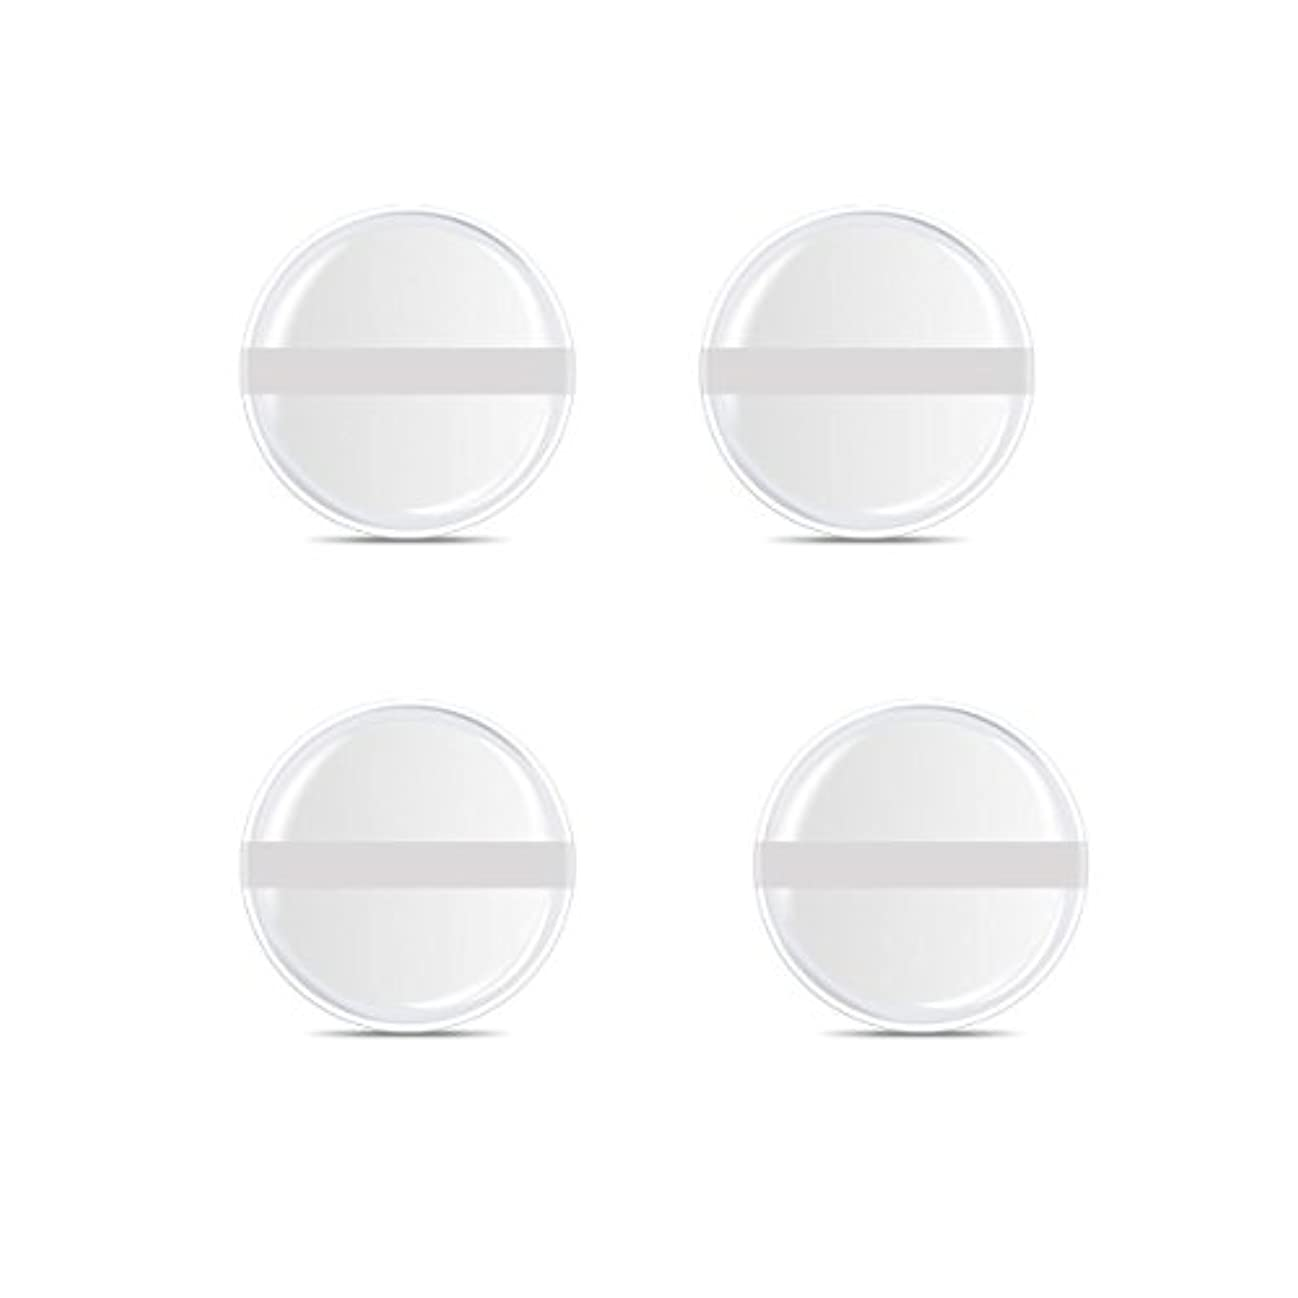 急速なやりがいのある遵守するシリコンパフ 帯付き メイクスポンジ ゲルパフ ゼリーパフ 清潔しやすい衛生 柔らかく 透明な 4枚入 (円形 4入り)